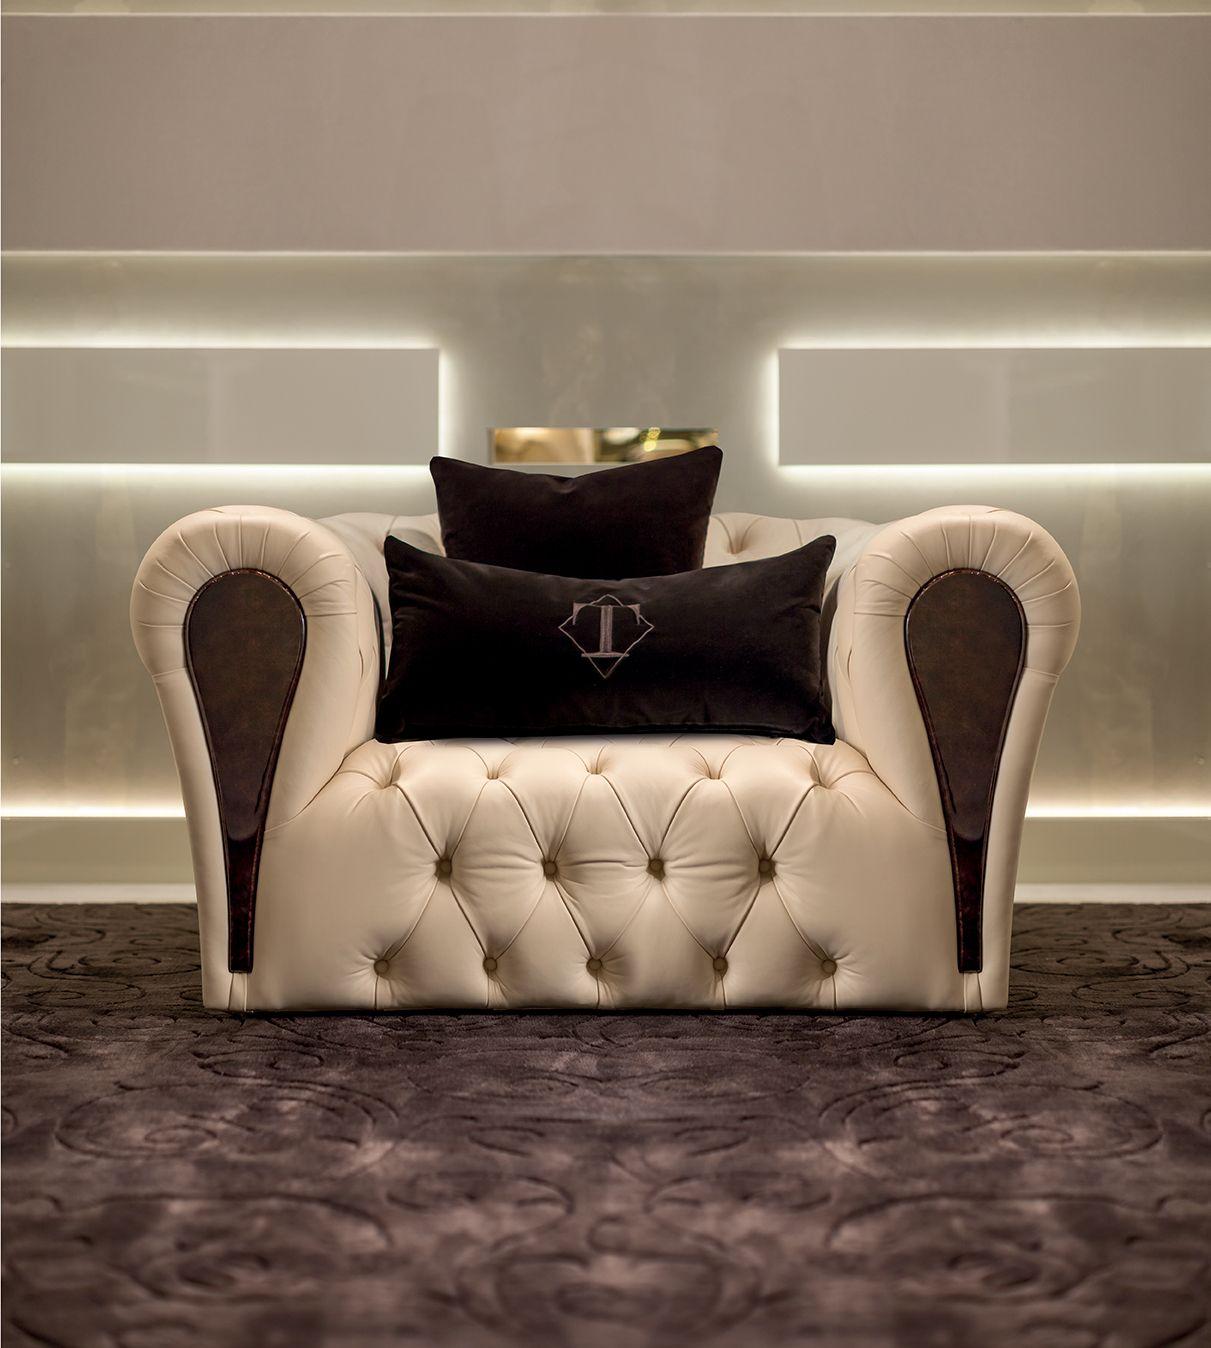 Mayfair Collection Www Turri It Luxury Italian Capitonne Armchair